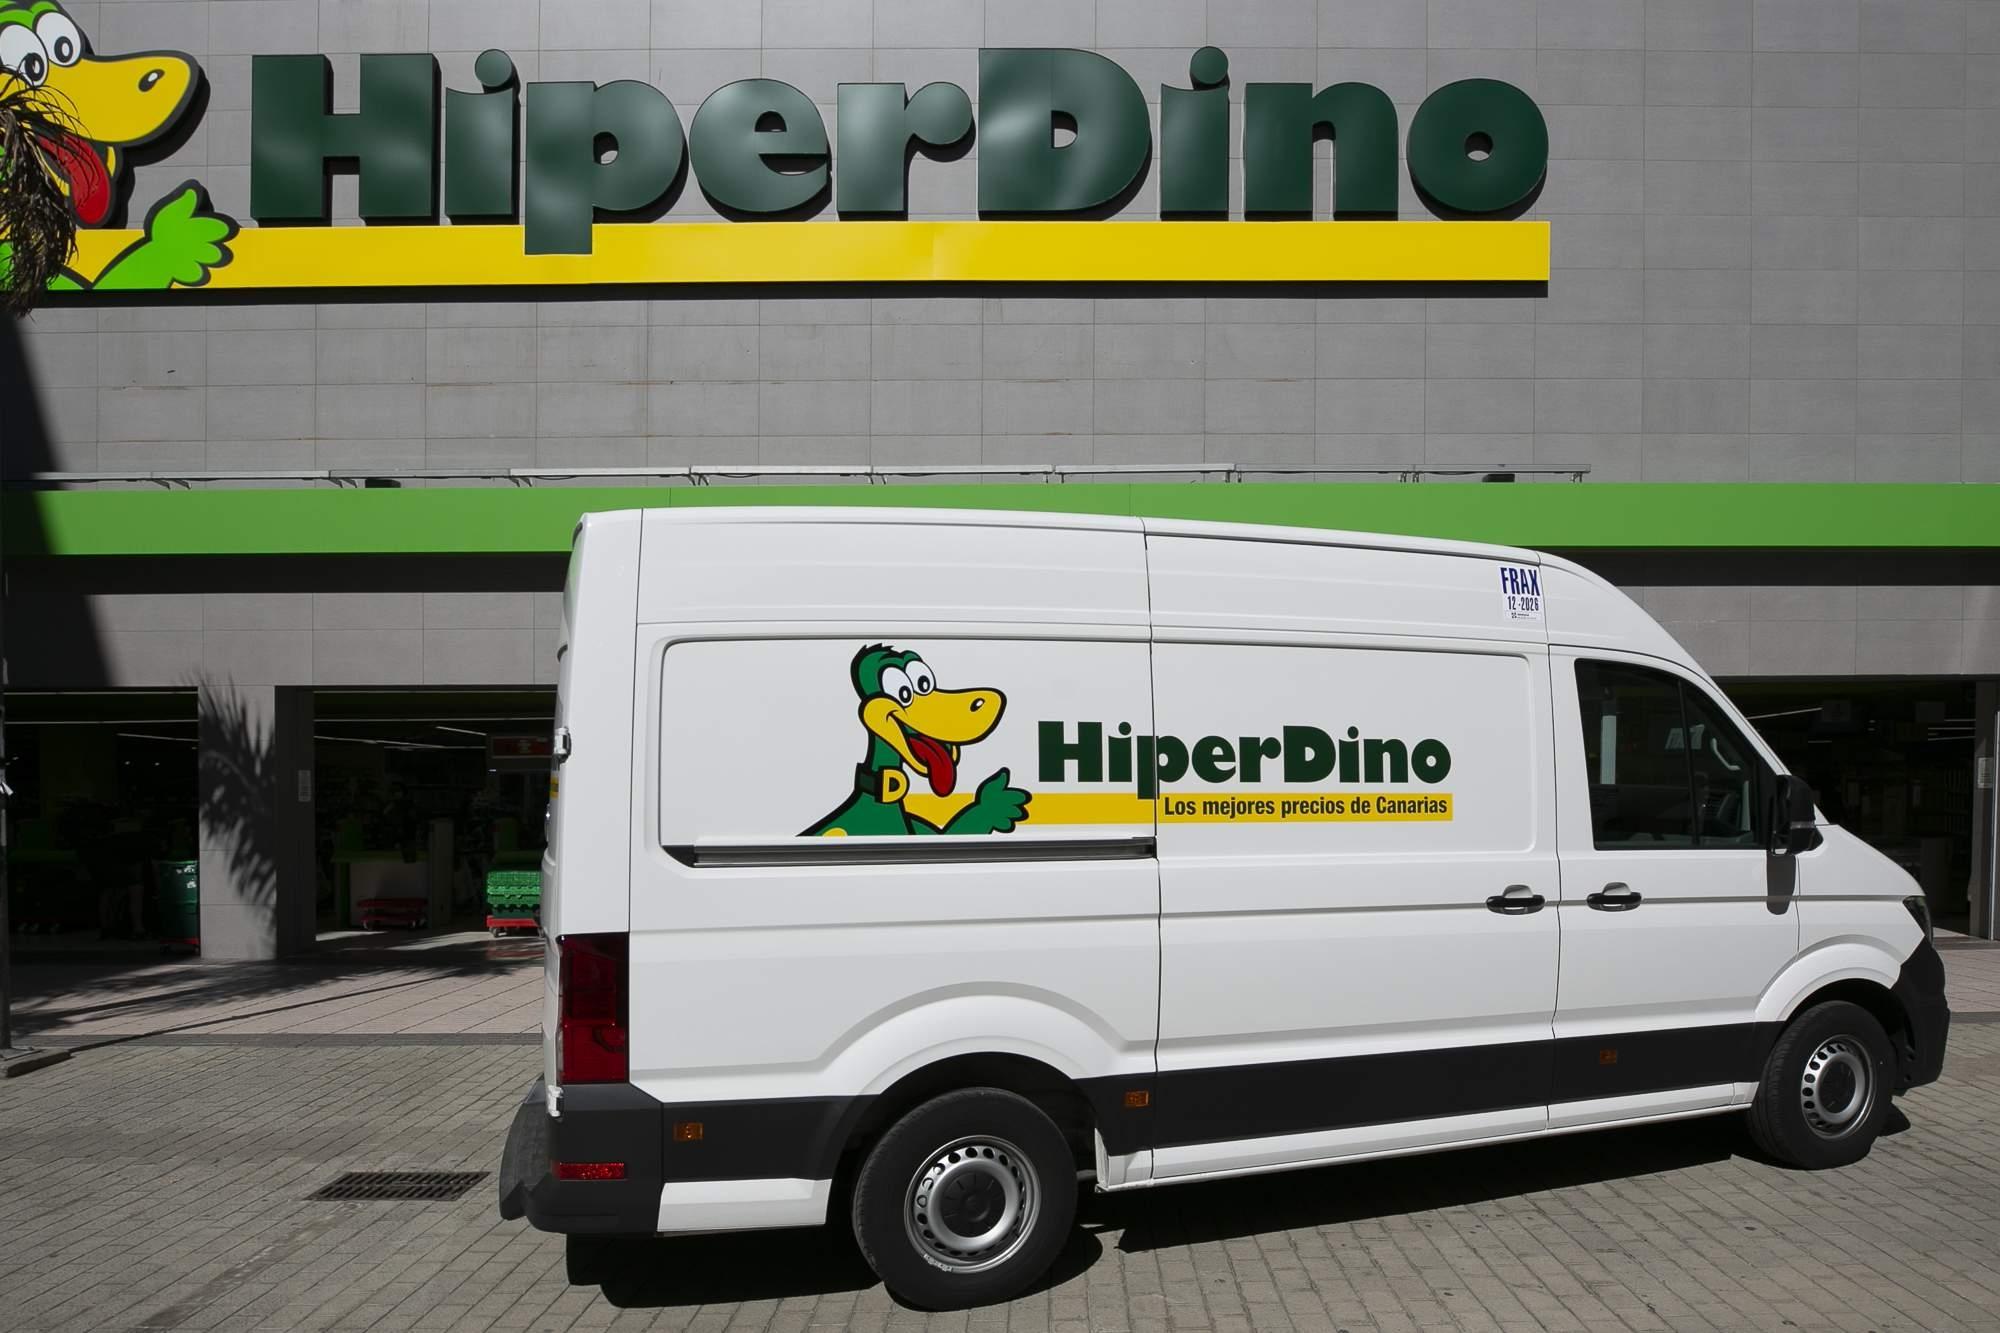 Nuevos vehículos de reparto de HiperDino / CanariasNoticias.es